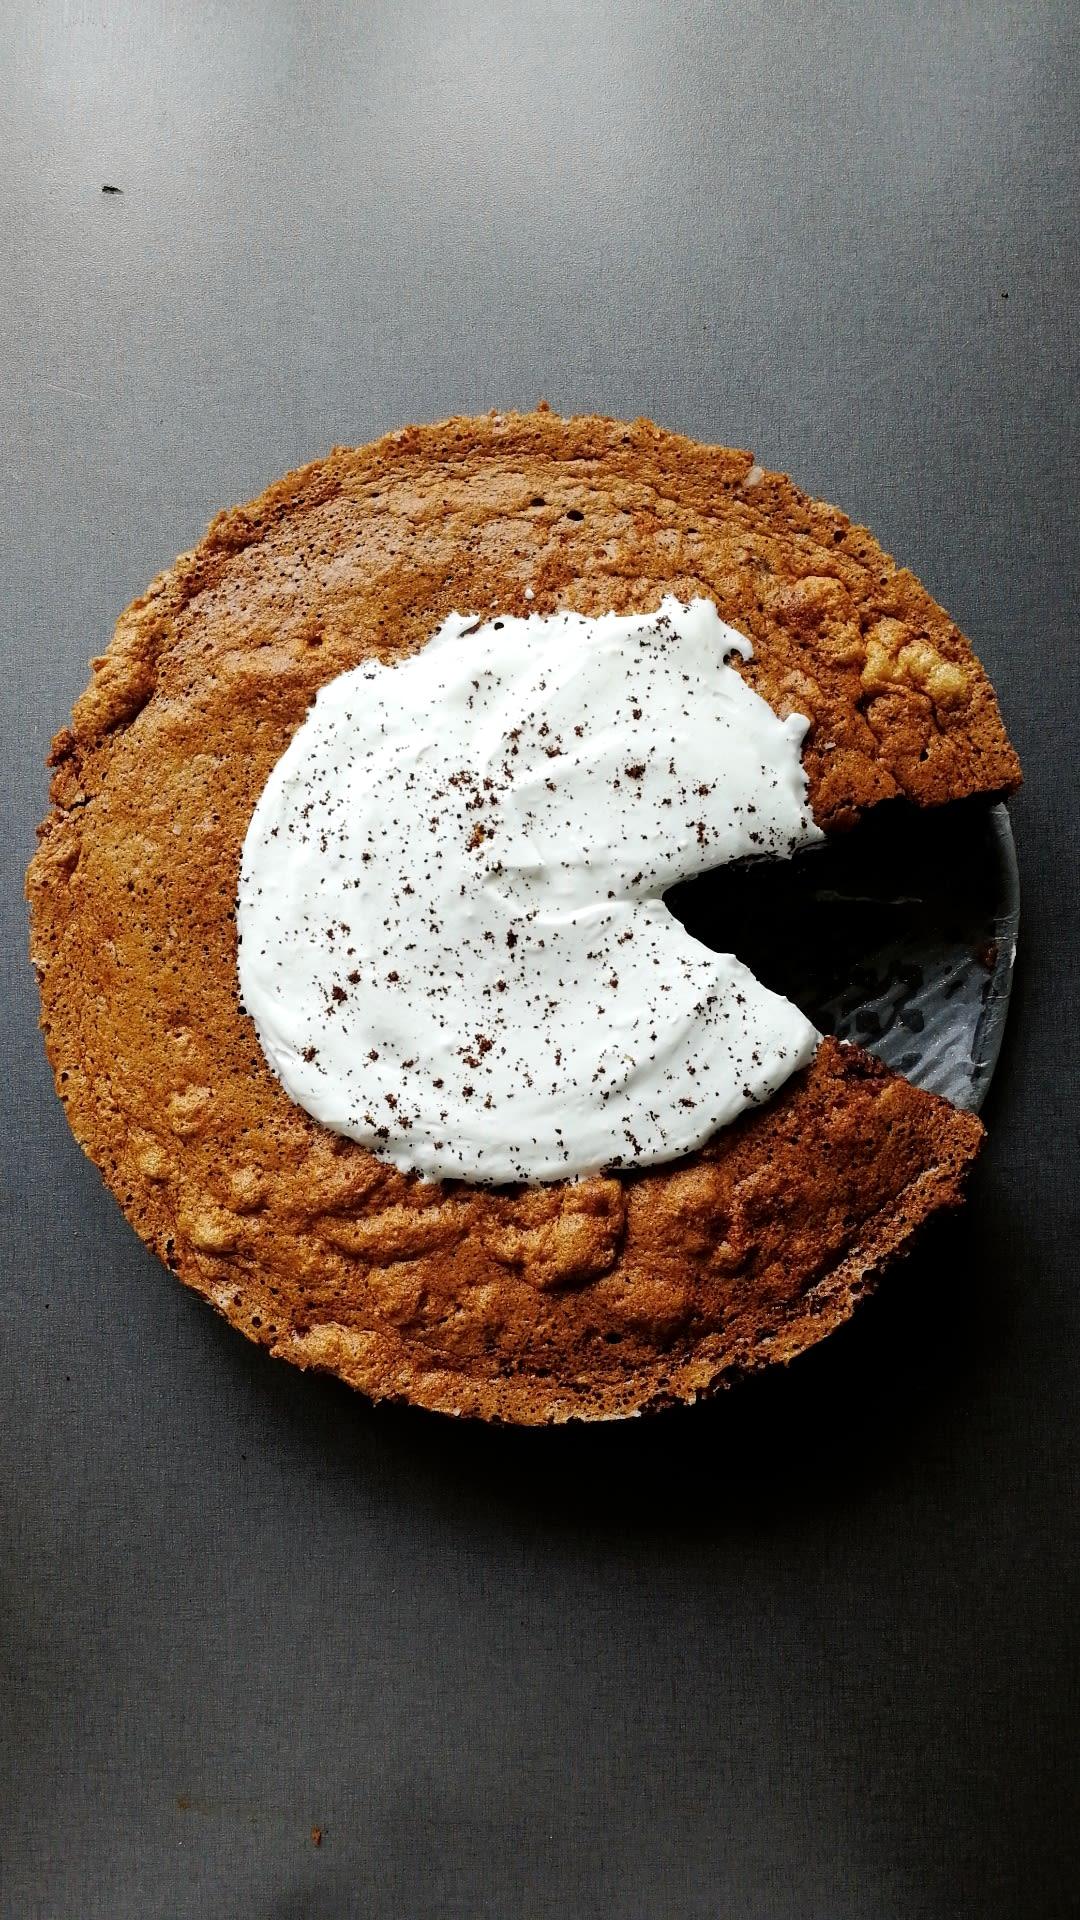 Magisk trelags kake med sjokolade og kaffe